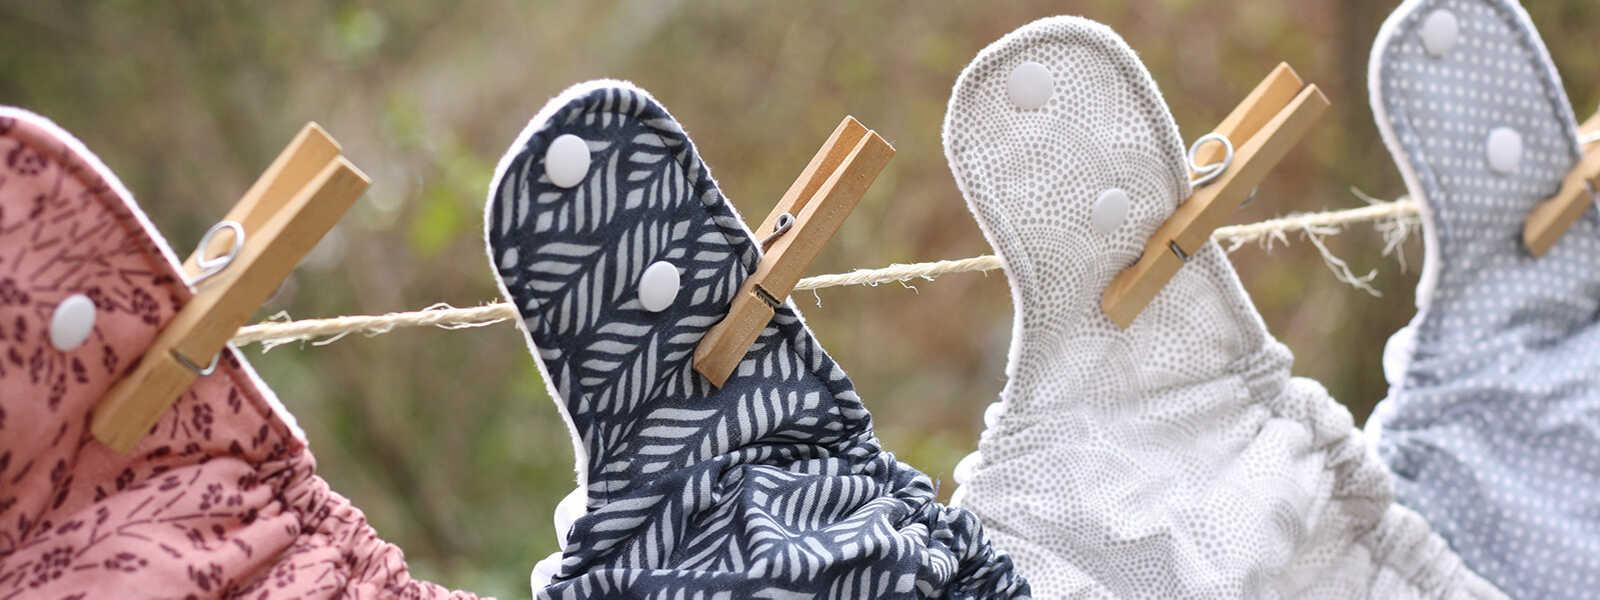 moderne-stofbleer-weecare-easy-ble-skaller-cover